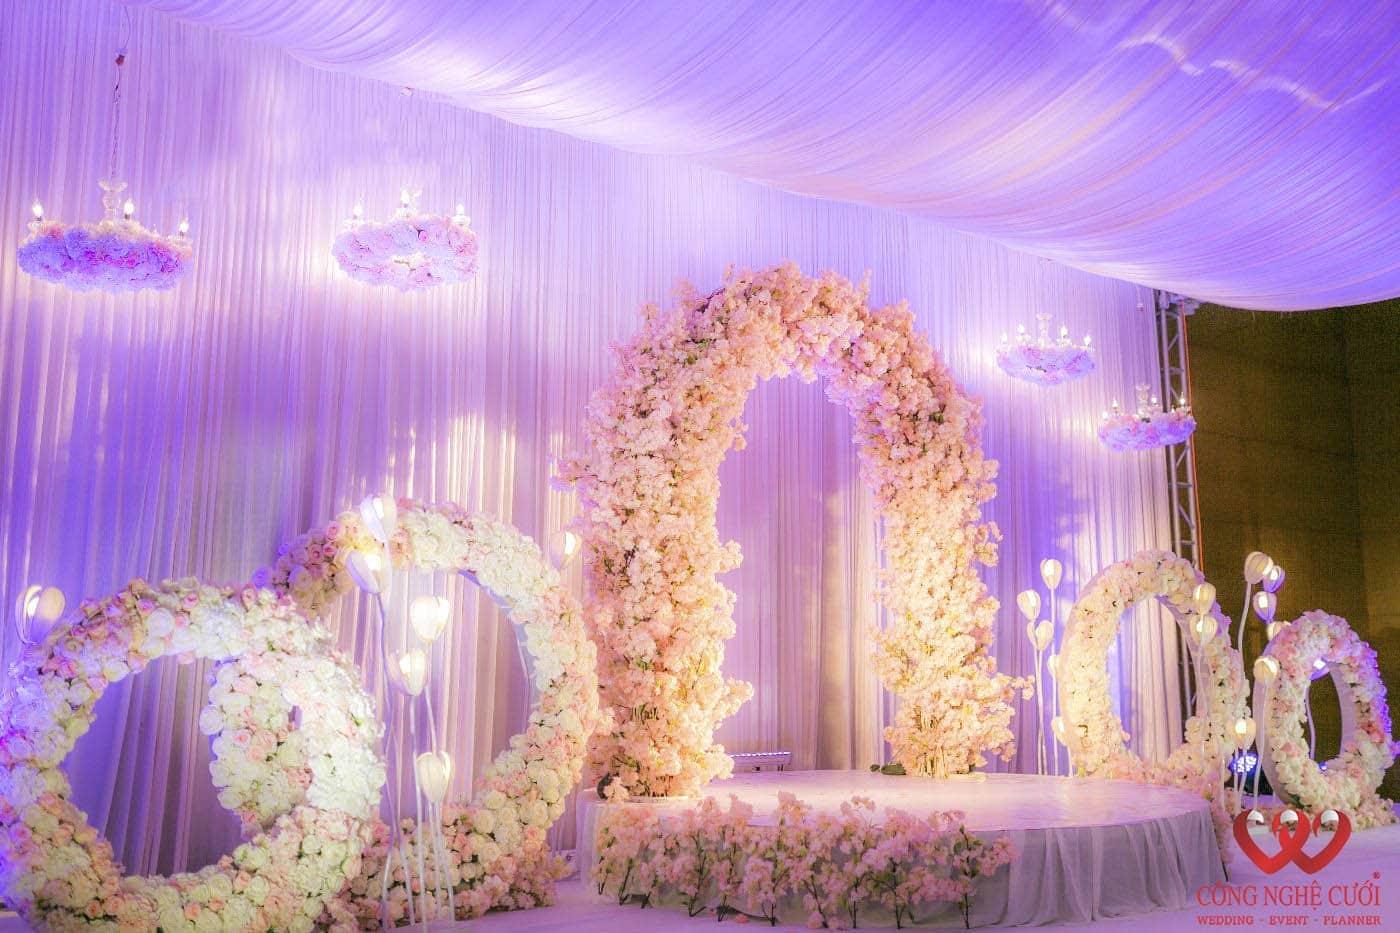 Công Nghệ Cưới - Trang trí nhà hàng tiệc cưới với hoa lụa